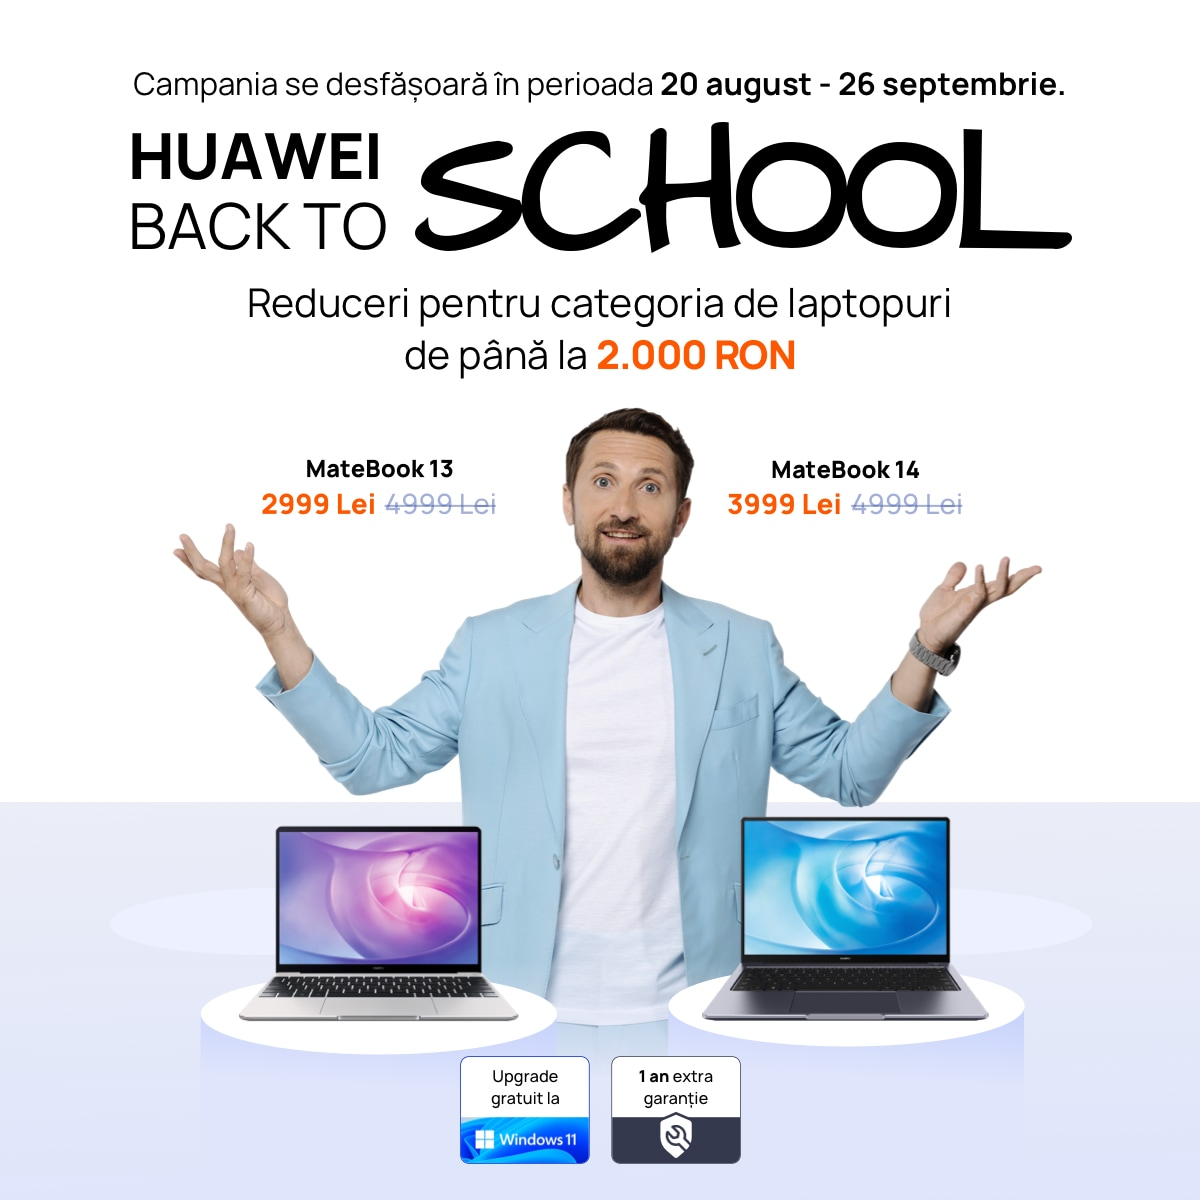 Huawei Back To School (2)